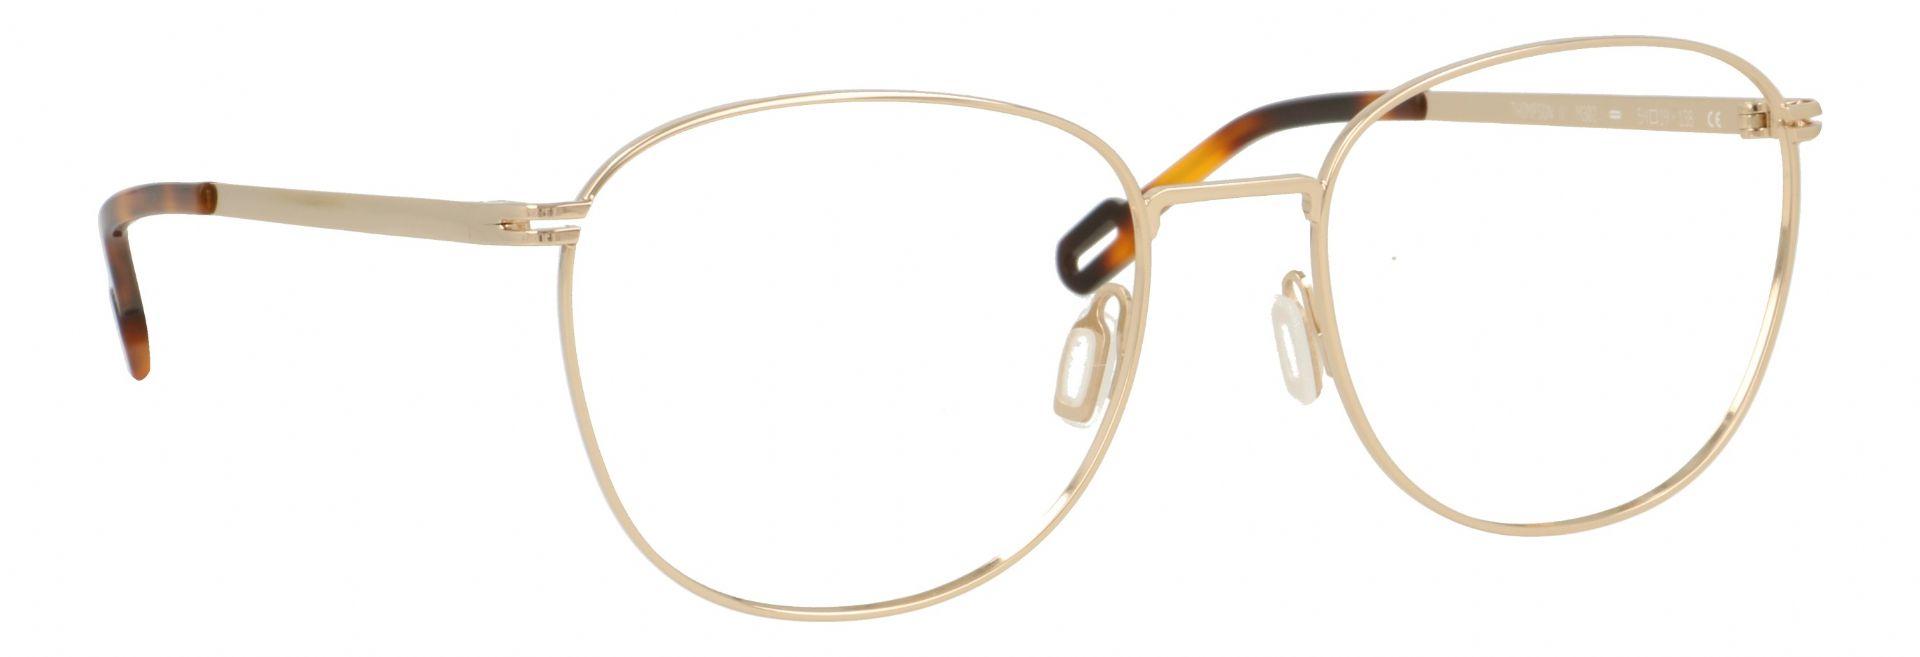 Thompson M302 // Odette Lunettes